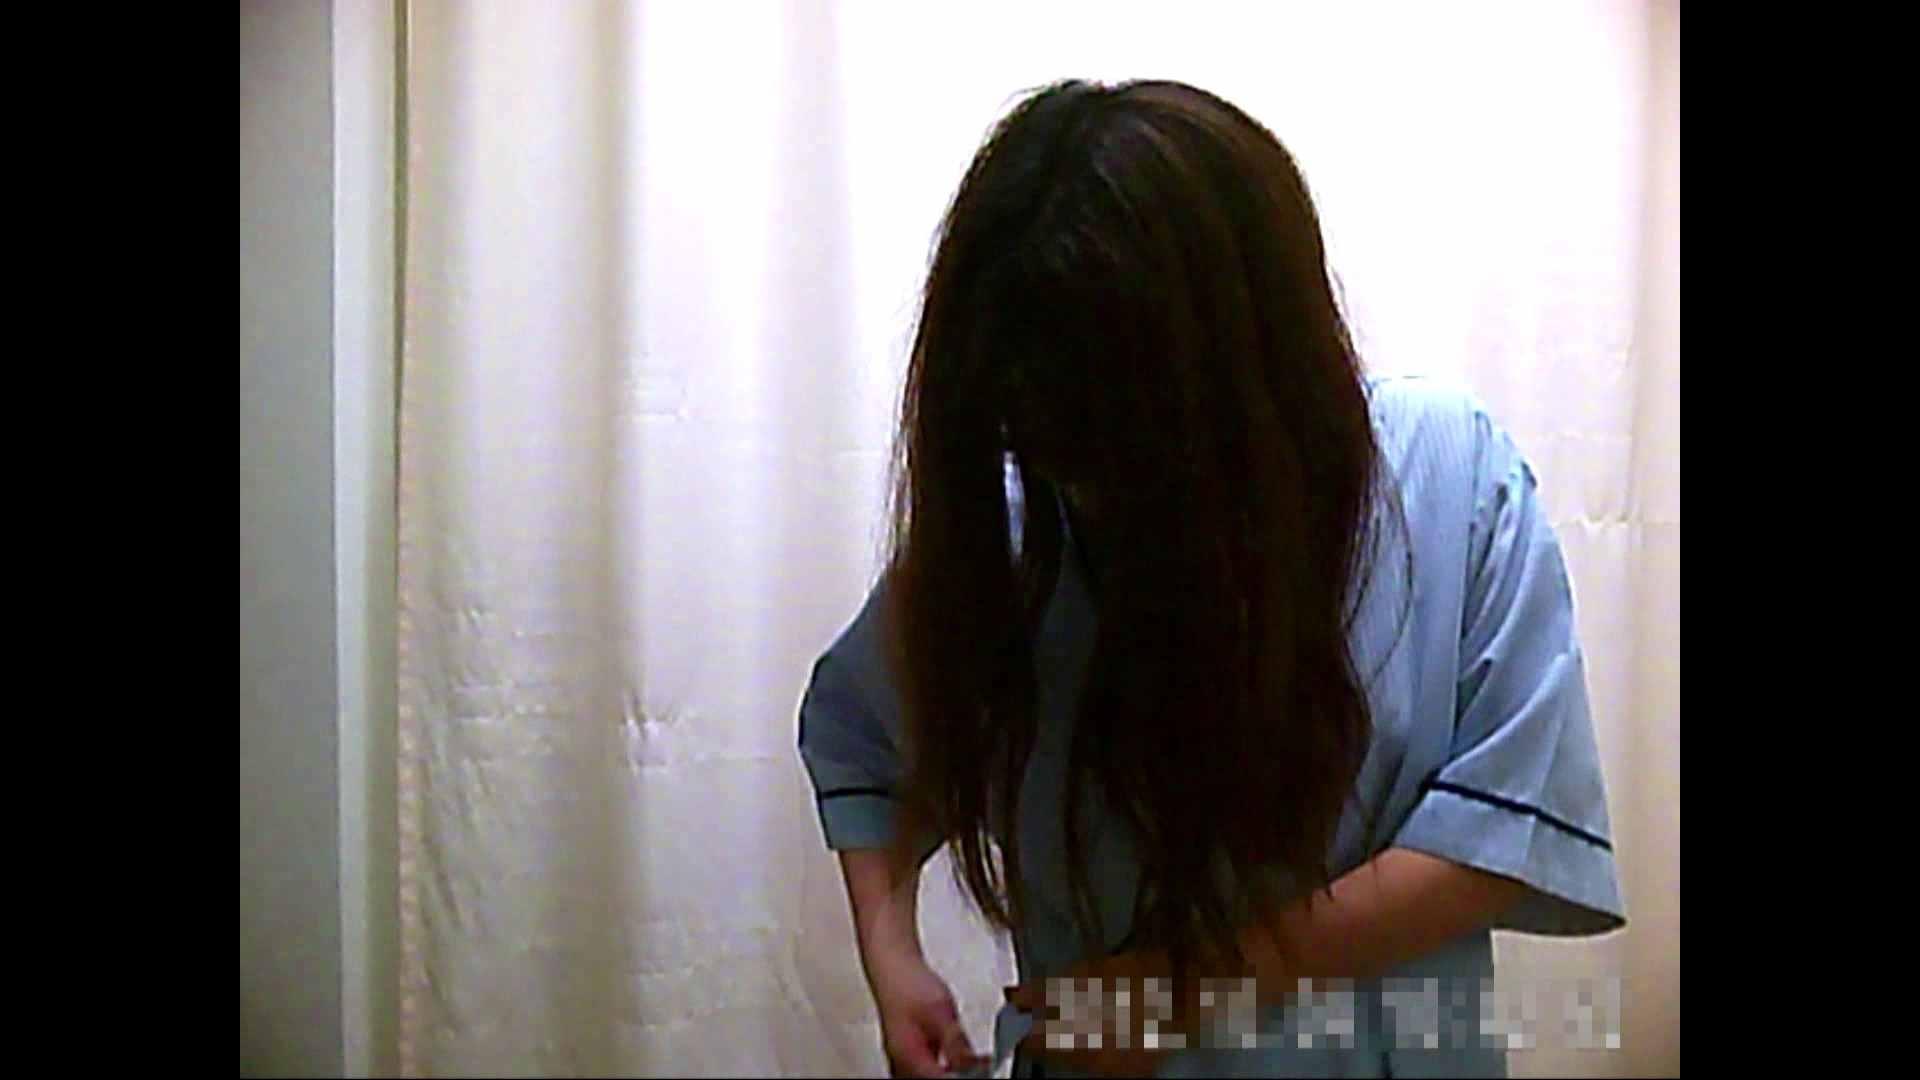 病院おもいっきり着替え! vol.228 着替え SEX無修正画像 77PIX 48